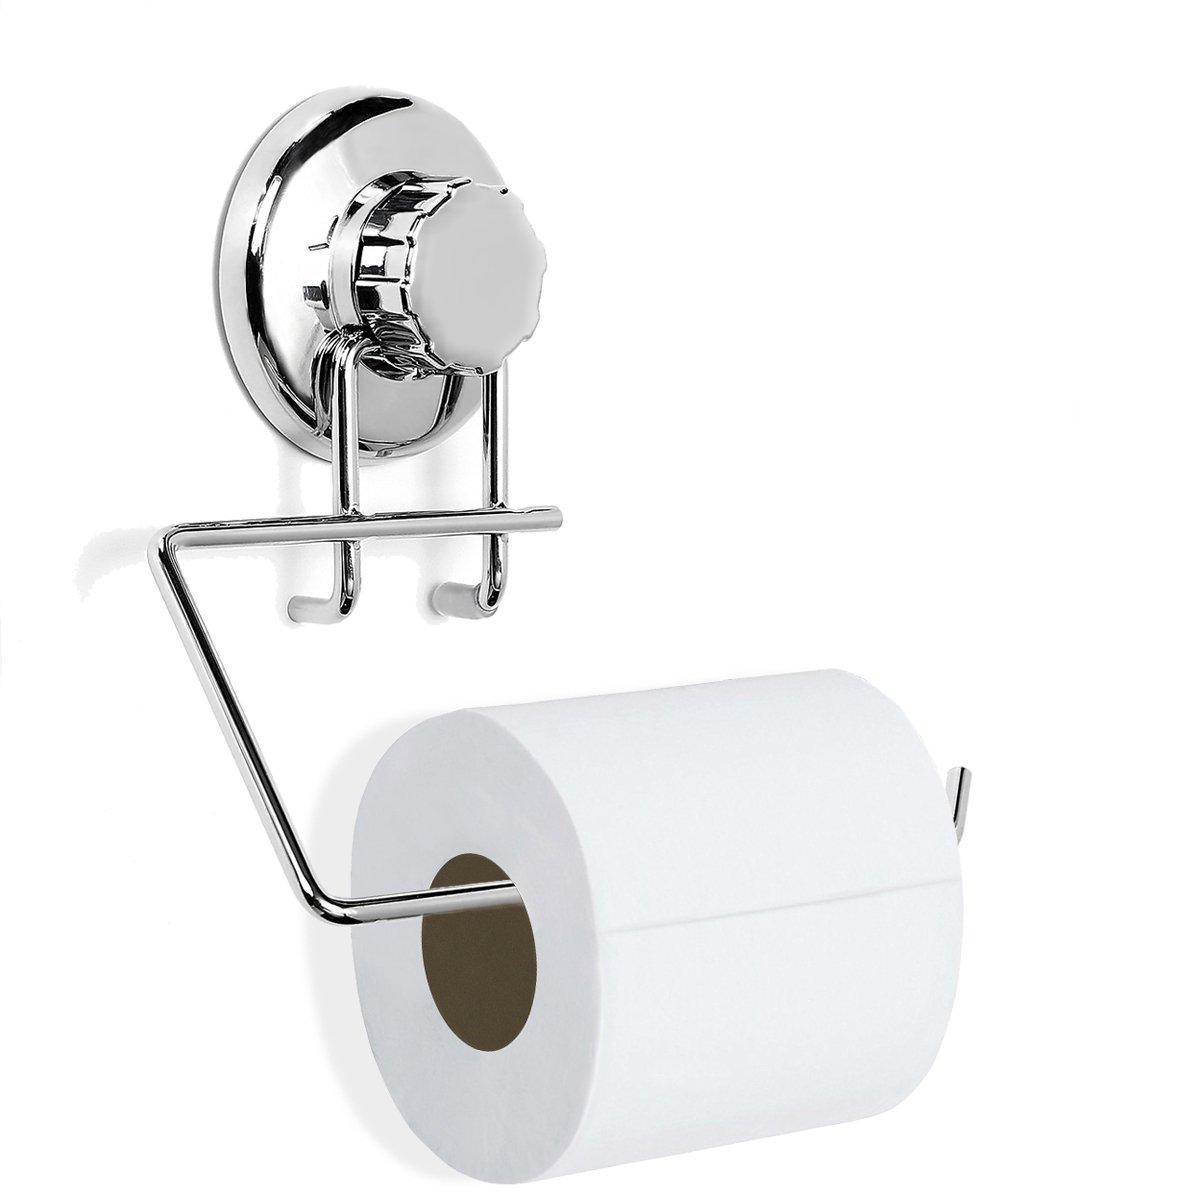 Tapcet, porta-rotolo di carta igienica in acciaio inox con ventosa, senza necessità di trapanare, per bagno o cucina